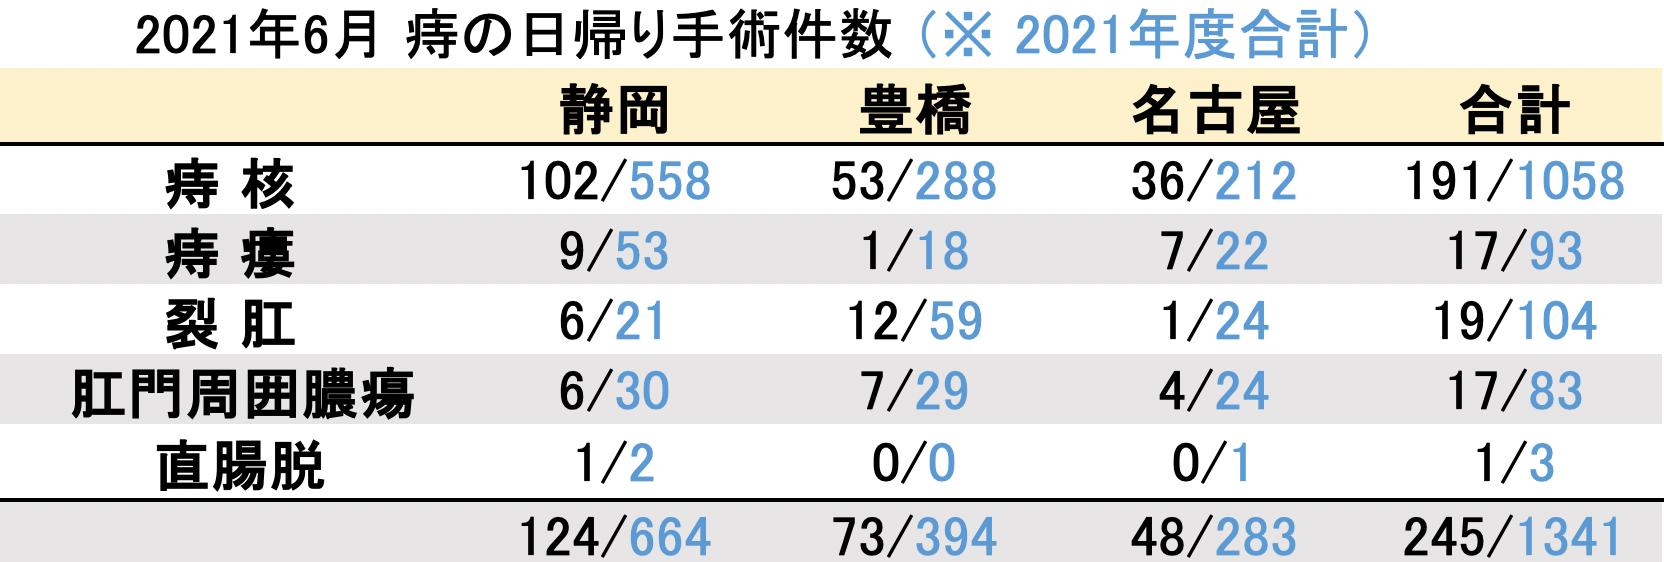 マイクリニック大久保2021年6月の痔の日帰り手術件数